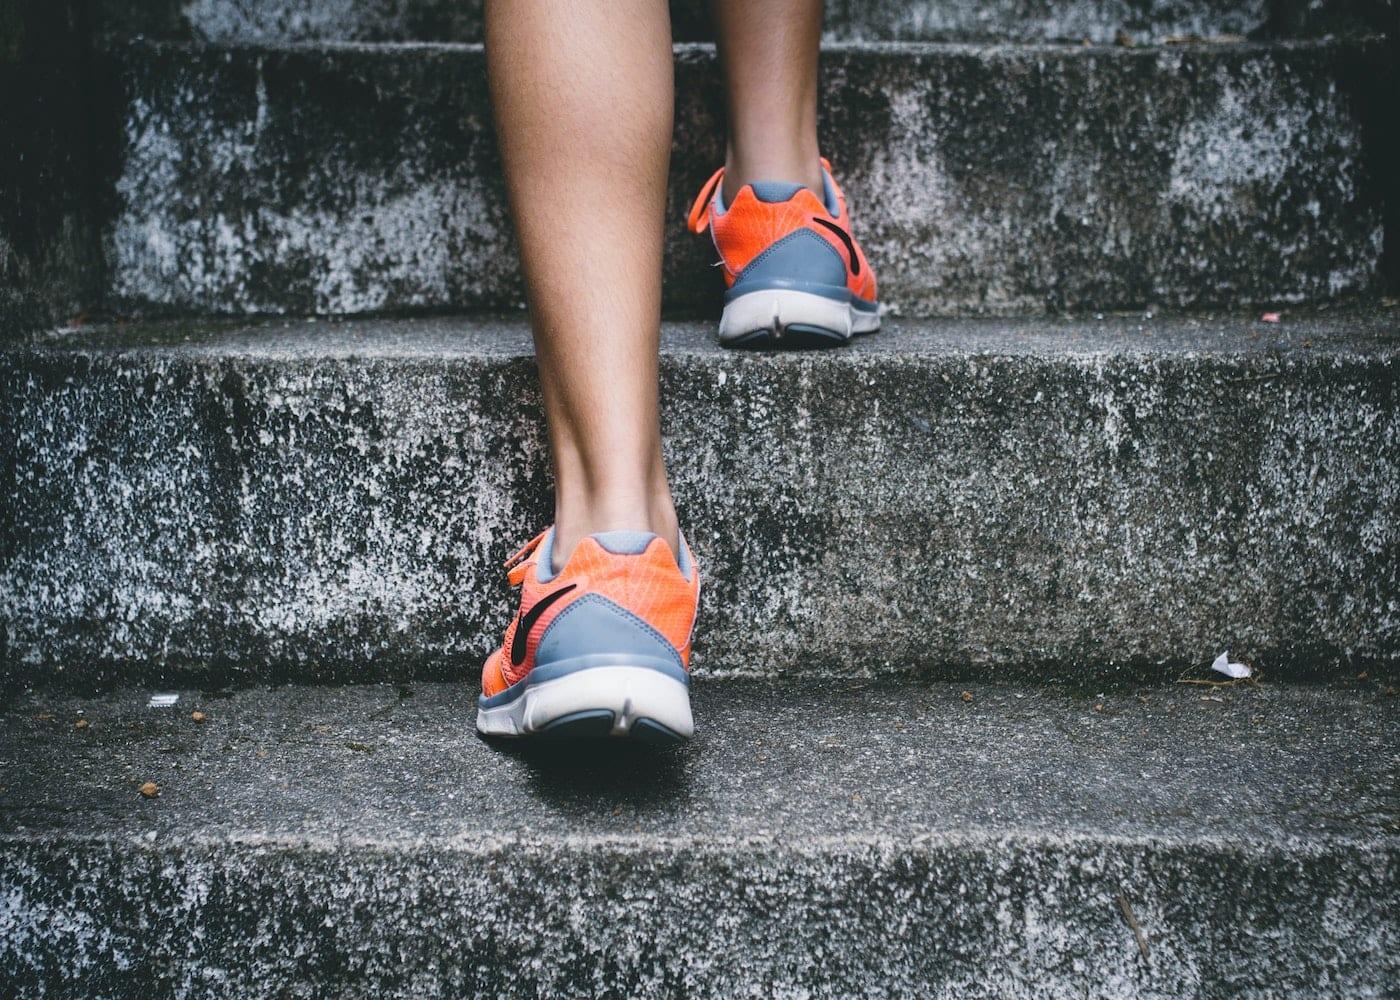 The ultimate circuit breaker challenge: running 15k in 12 weeks